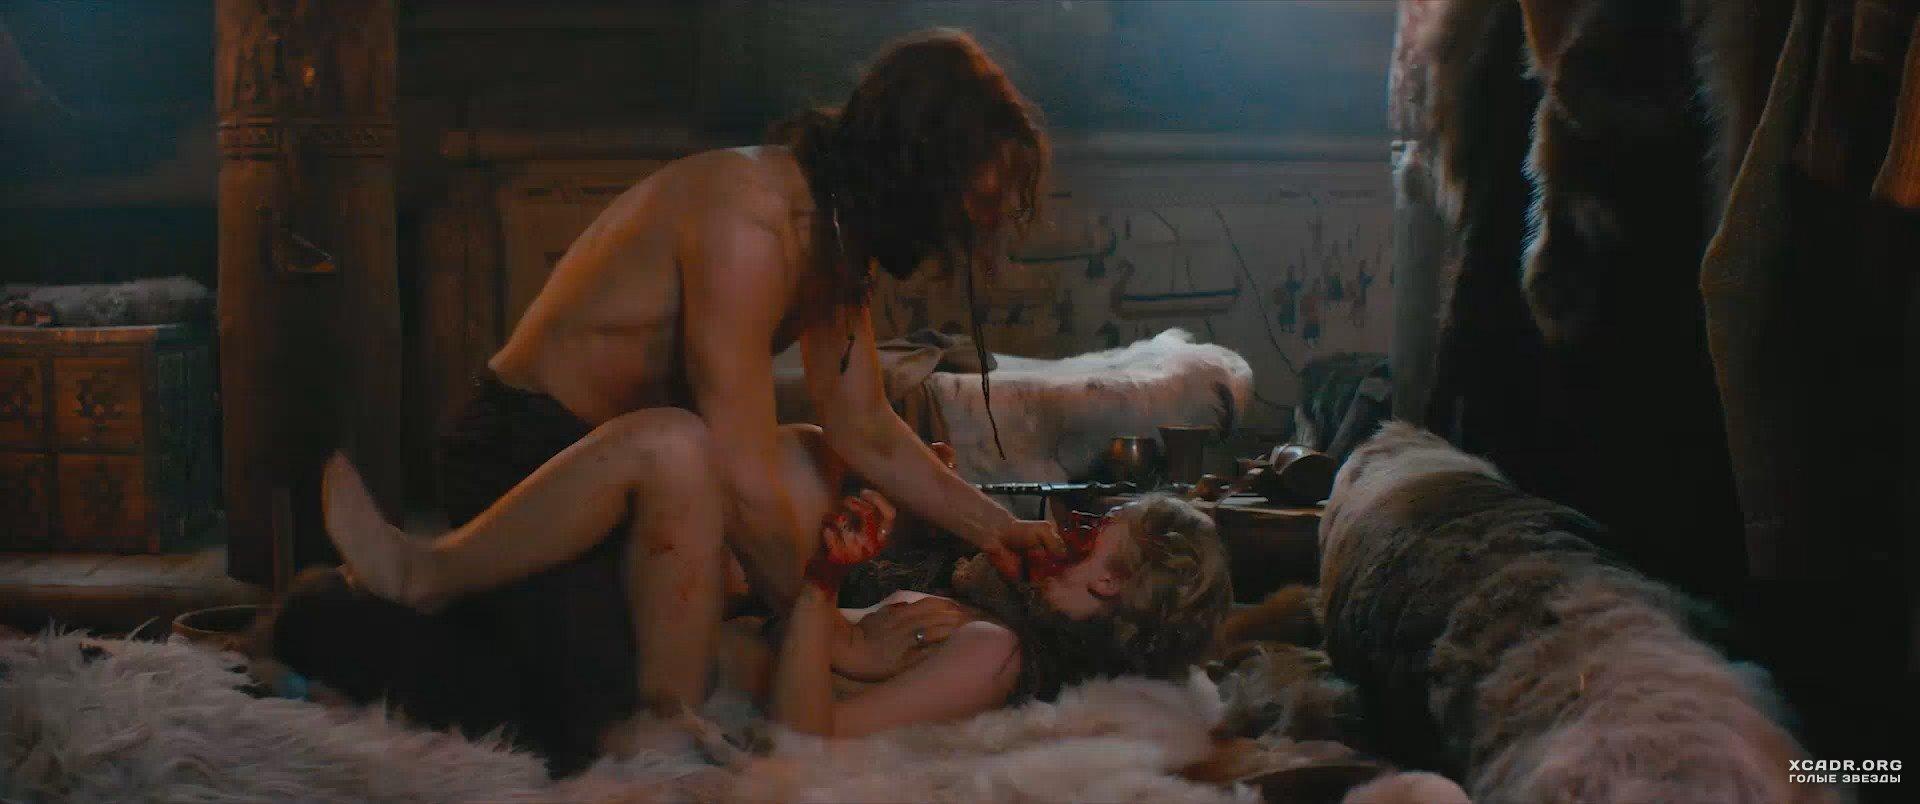 главное самый викинги девушки в эротическом фильме ничто больше